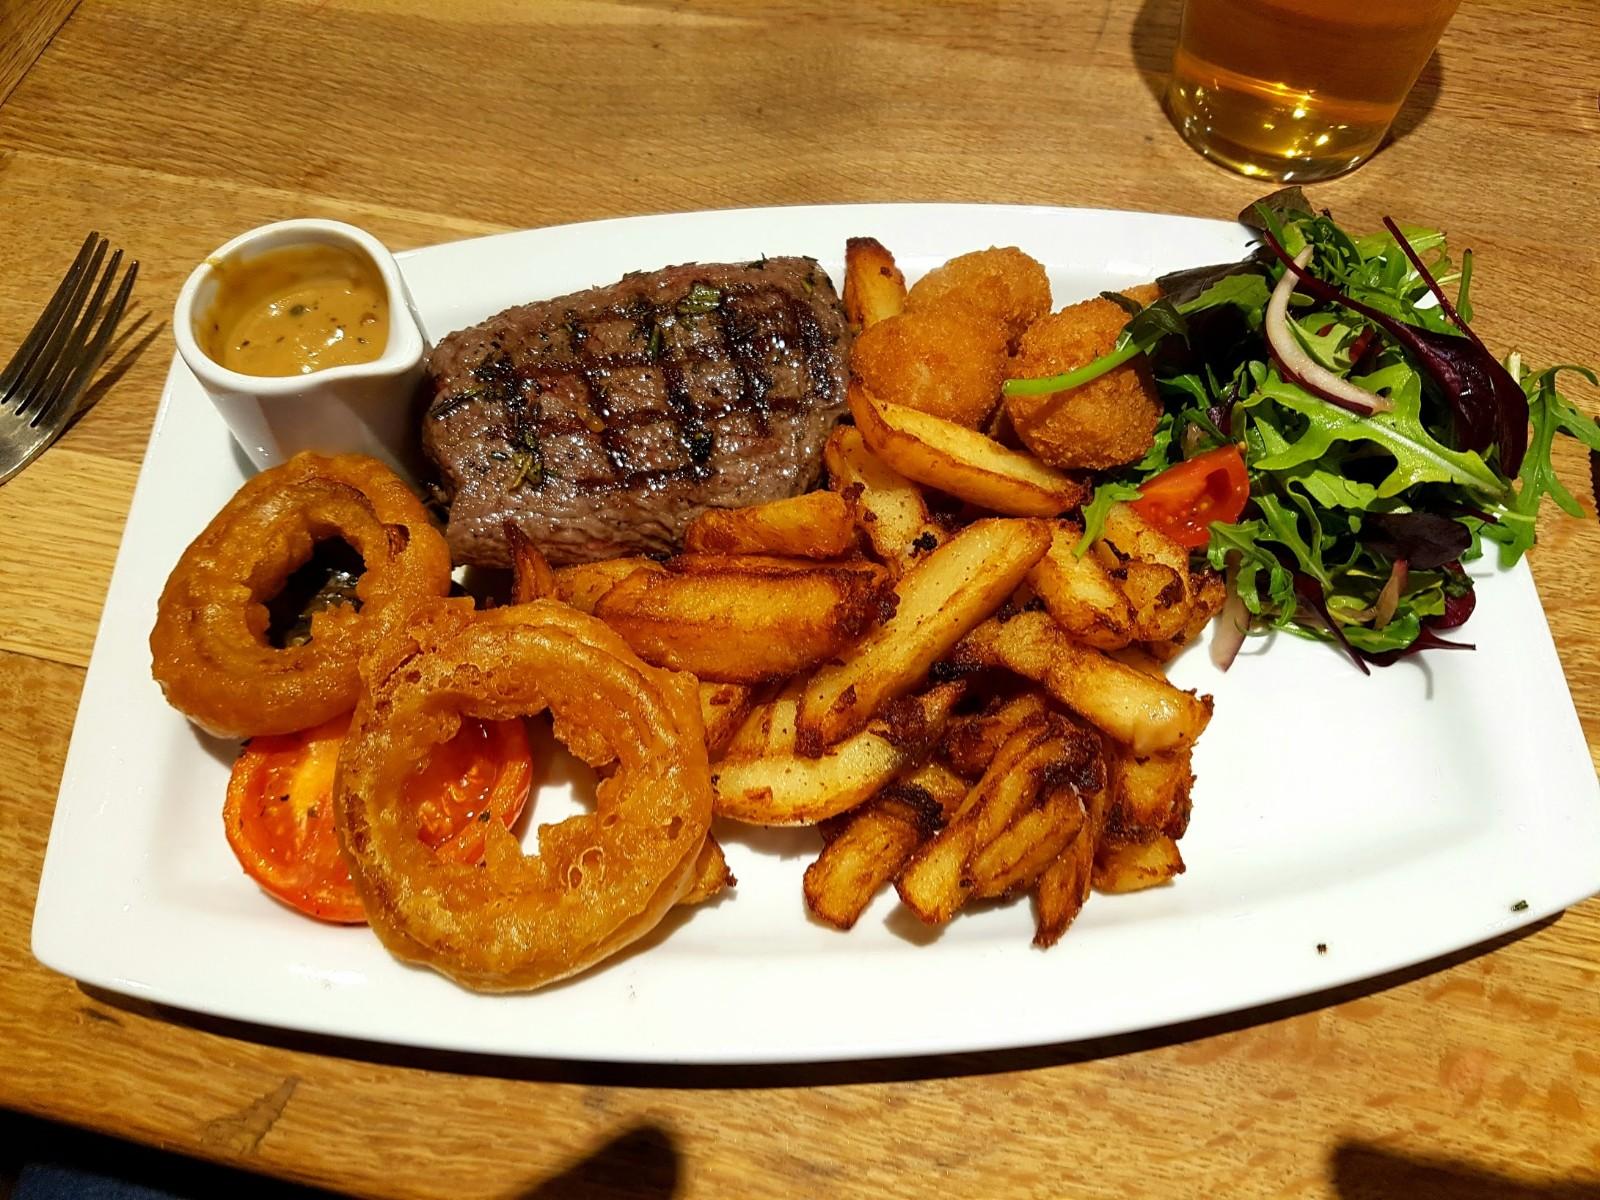 16oz Rump Steak